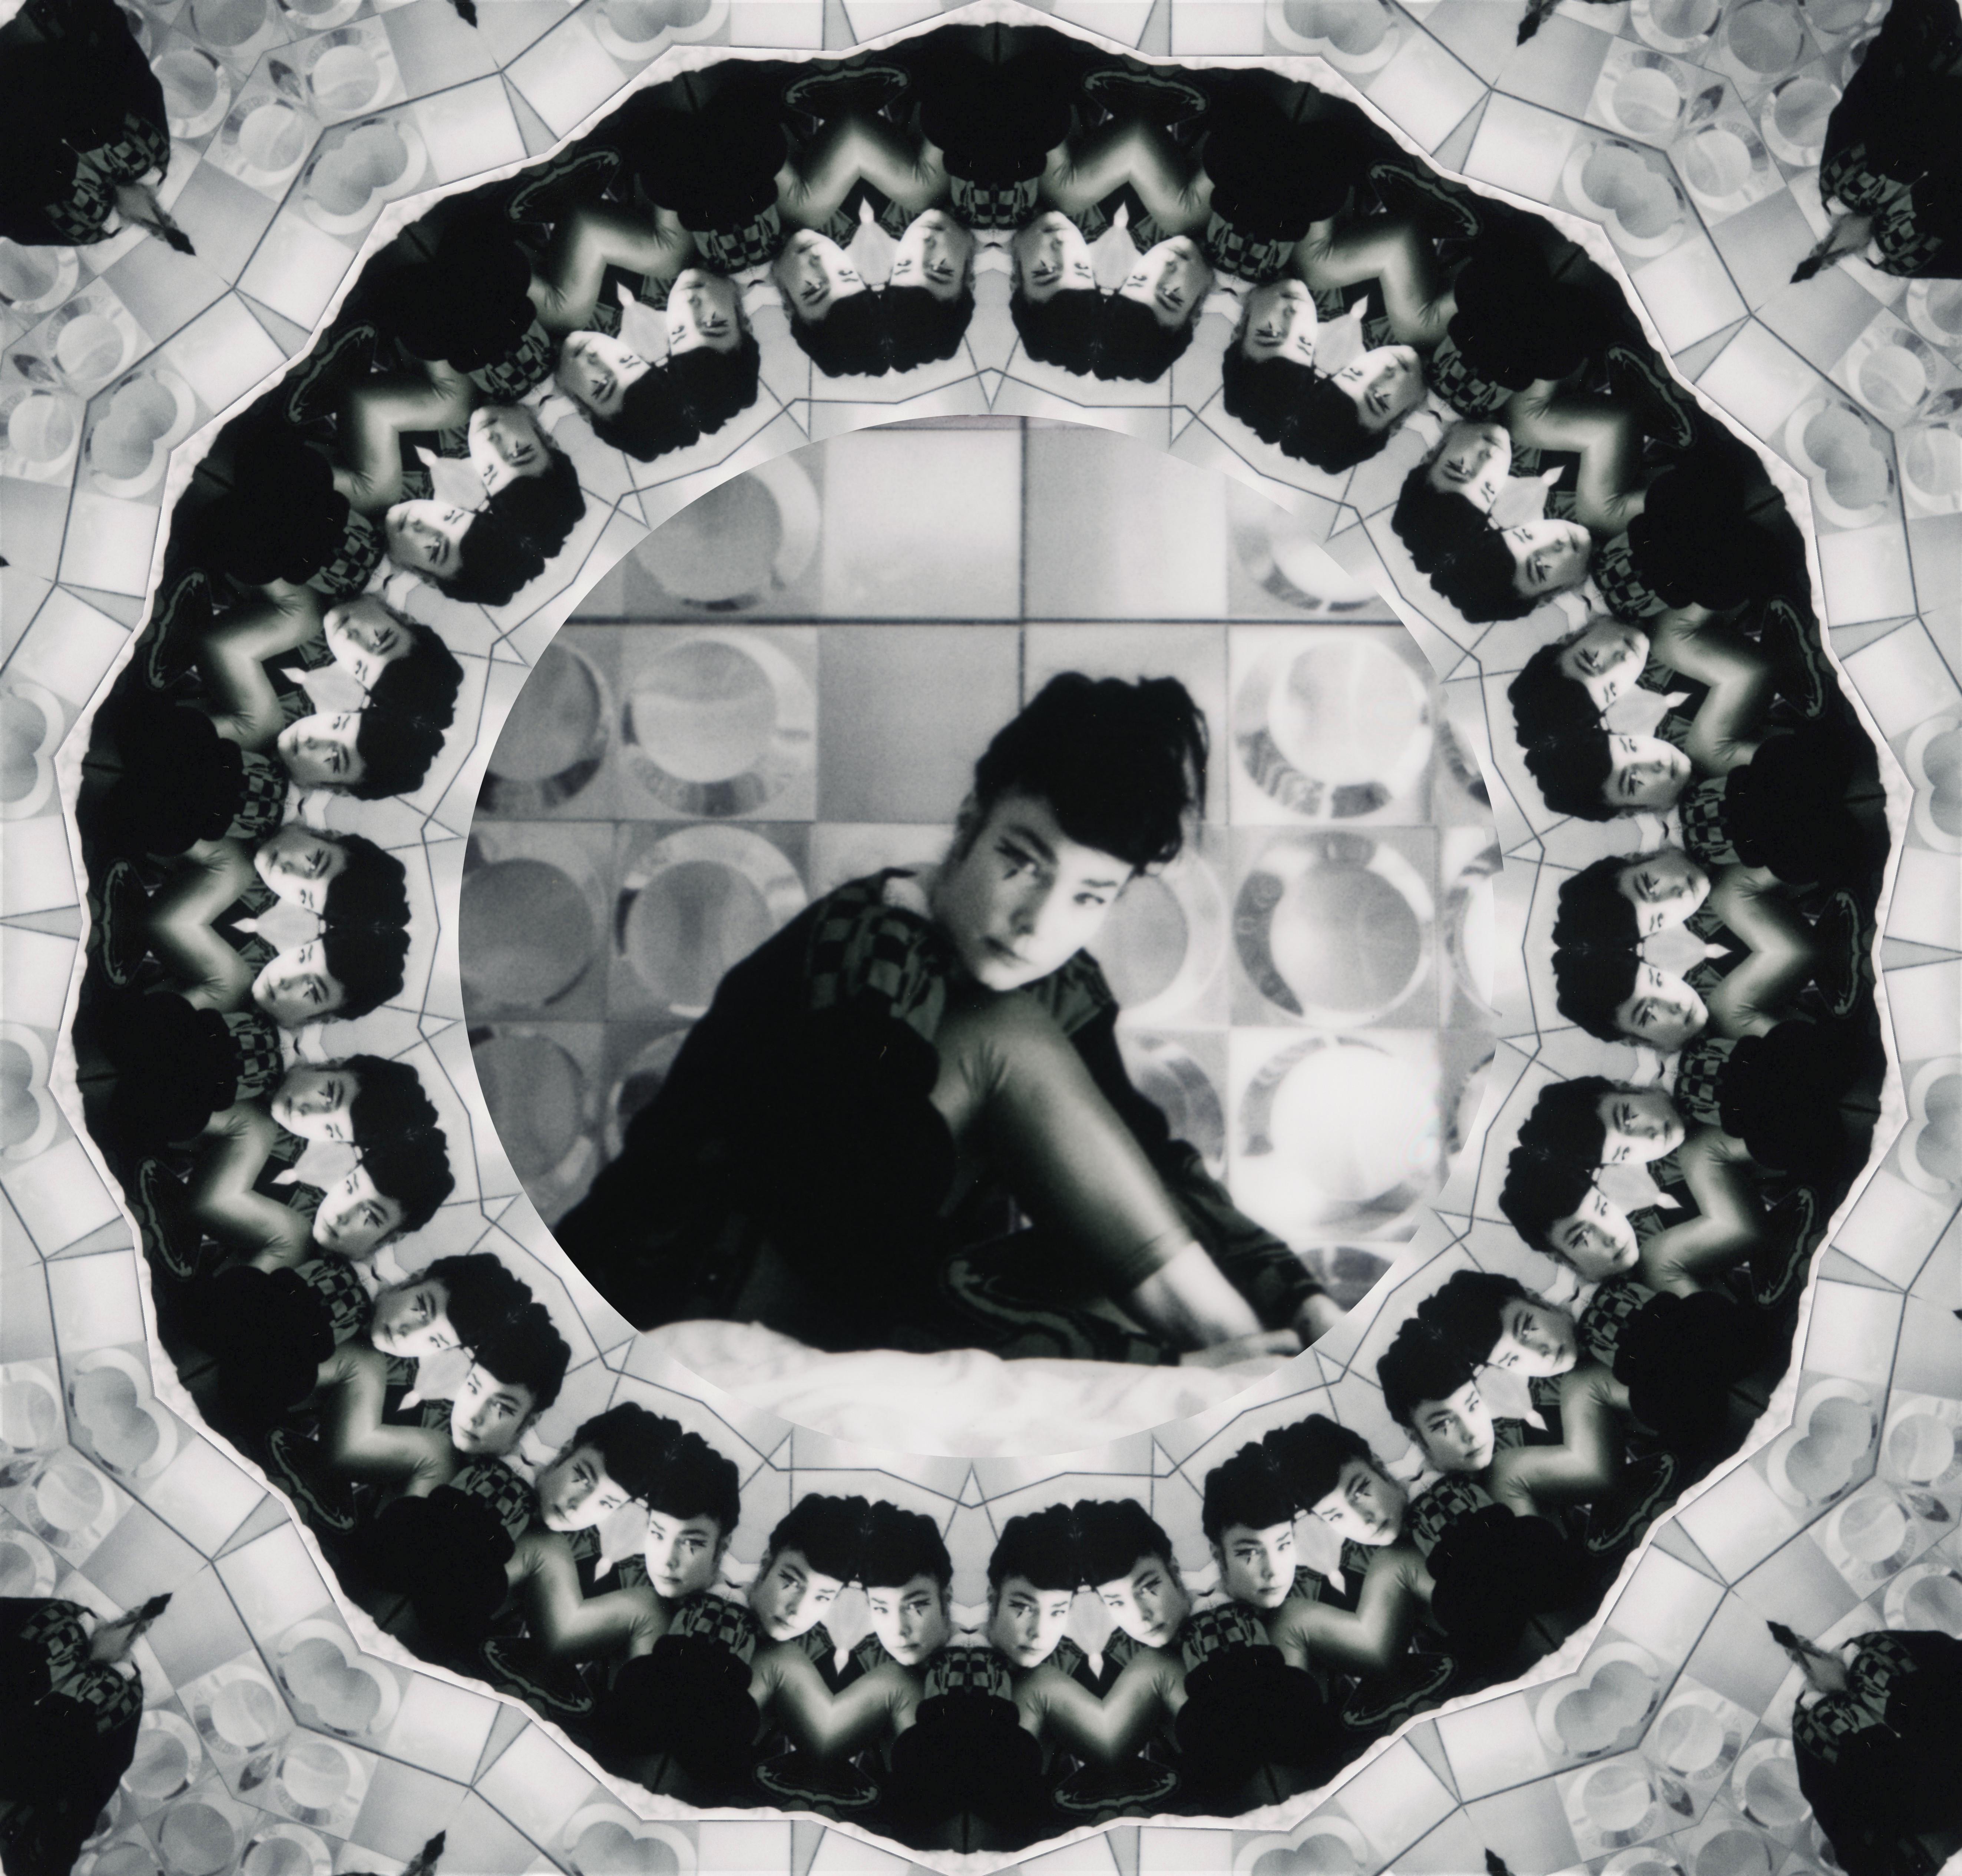 Kaleidoscopic 4